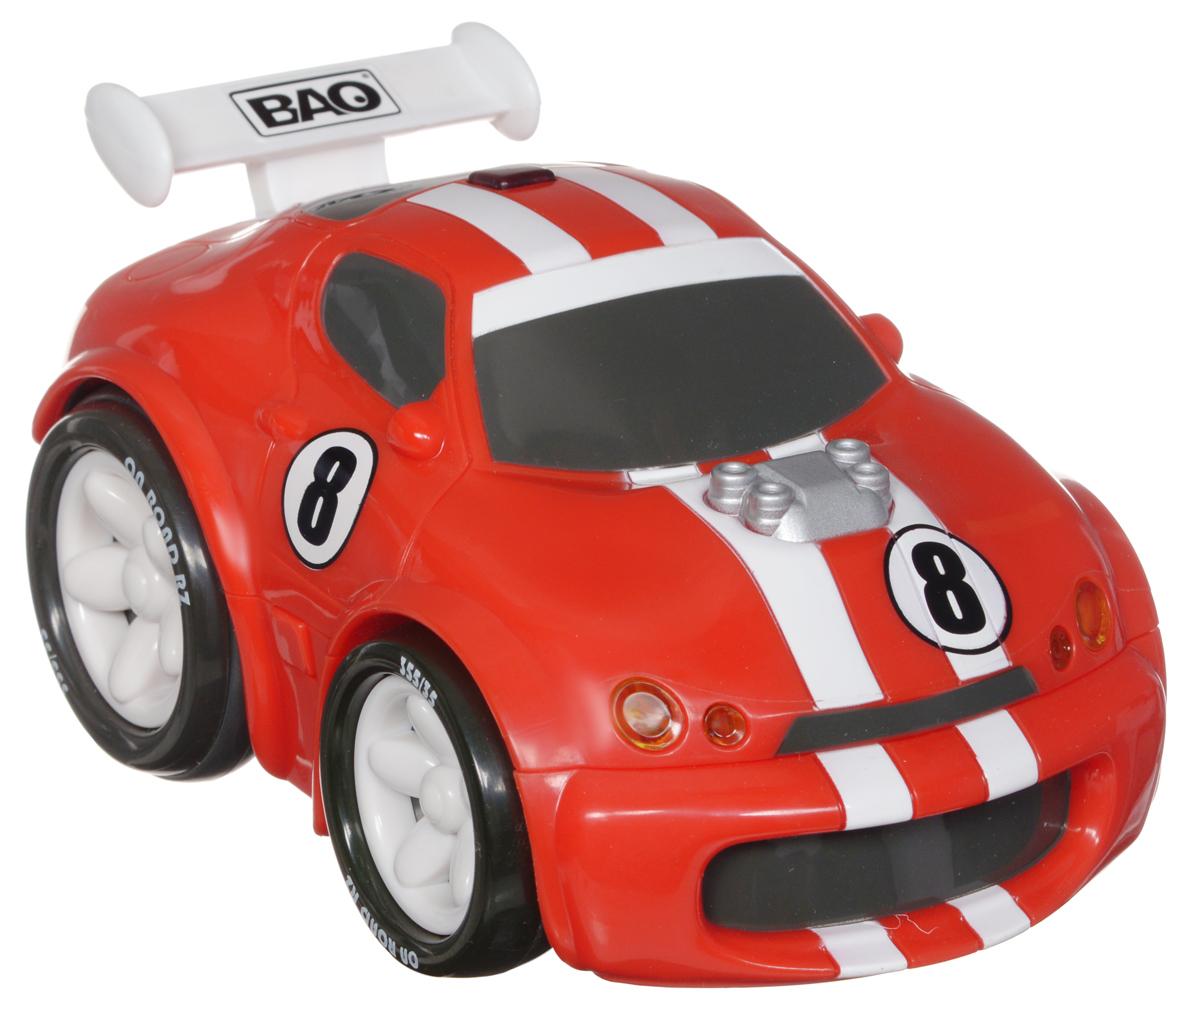 """Машинка на инфракрасном управлении Smoby """"Bao"""" обязательно понравится каждому мальчишке. Яркая спортивная машинка Smoby BAO выполнена из прочного безопасного пластика. Ребенок не будет выпускать из рук интересный по дизайну пульт управления, который имитирует компьютерную мышку. А уж когда машинка тронется с места, восторгу малыша не будет предела! Машинка двигается вперед, назад, а также может поворачиваться по кругу. При движении у машинки светятся фары, а при нажатии на кнопку на дверце автомобиля или на пульте раздается звук работающего двигателя. Порадуйте своего малыша таким замечательным подарком! Для работы игрушки необходимы 4 батарейки типа АА (входят в комплект). Для работы пульта управления необходимы 2 батарейки типа ААА (не входят в комплект)."""